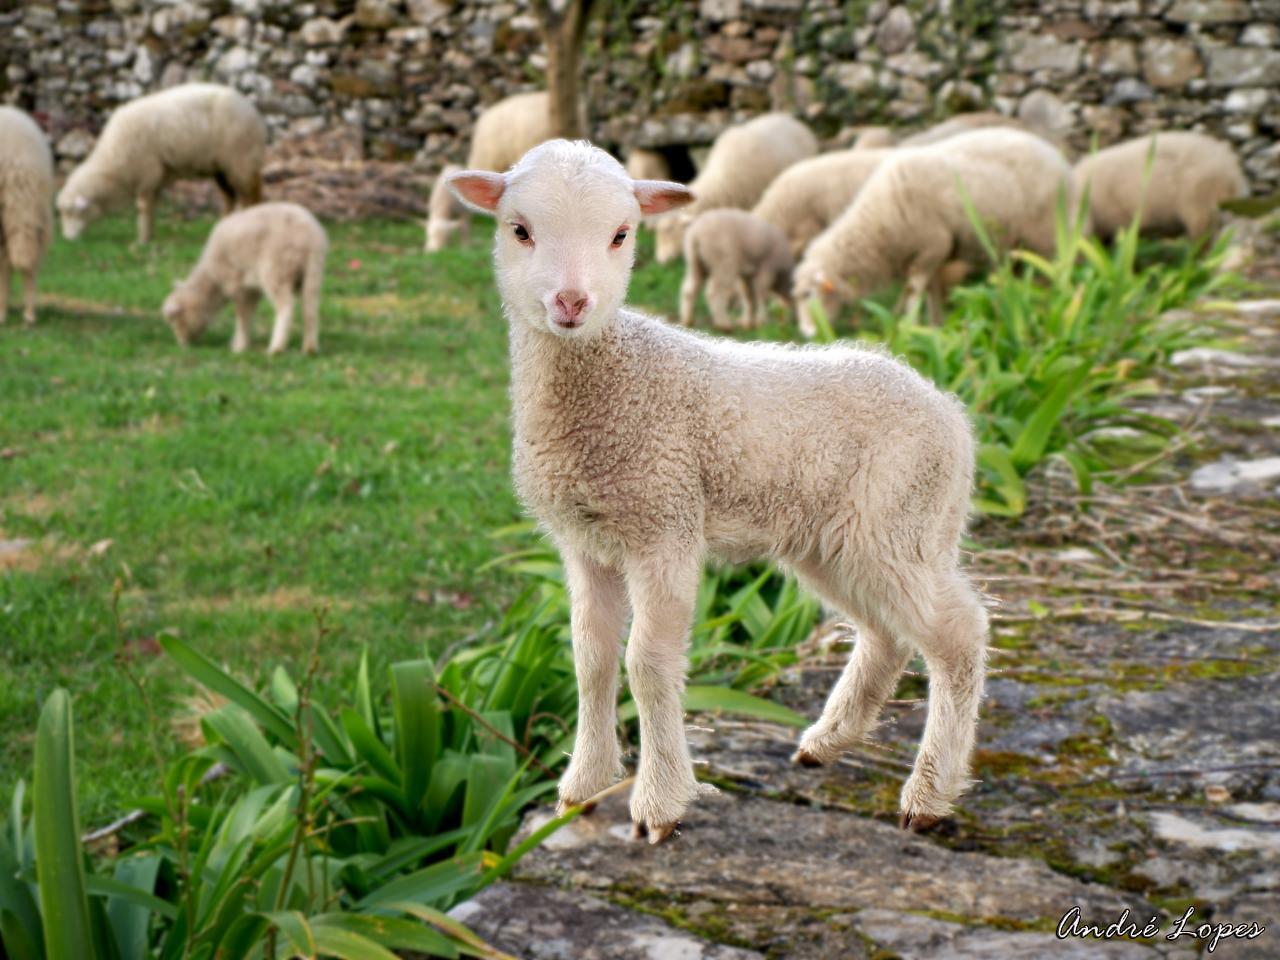 Talk:Little Sheep Group